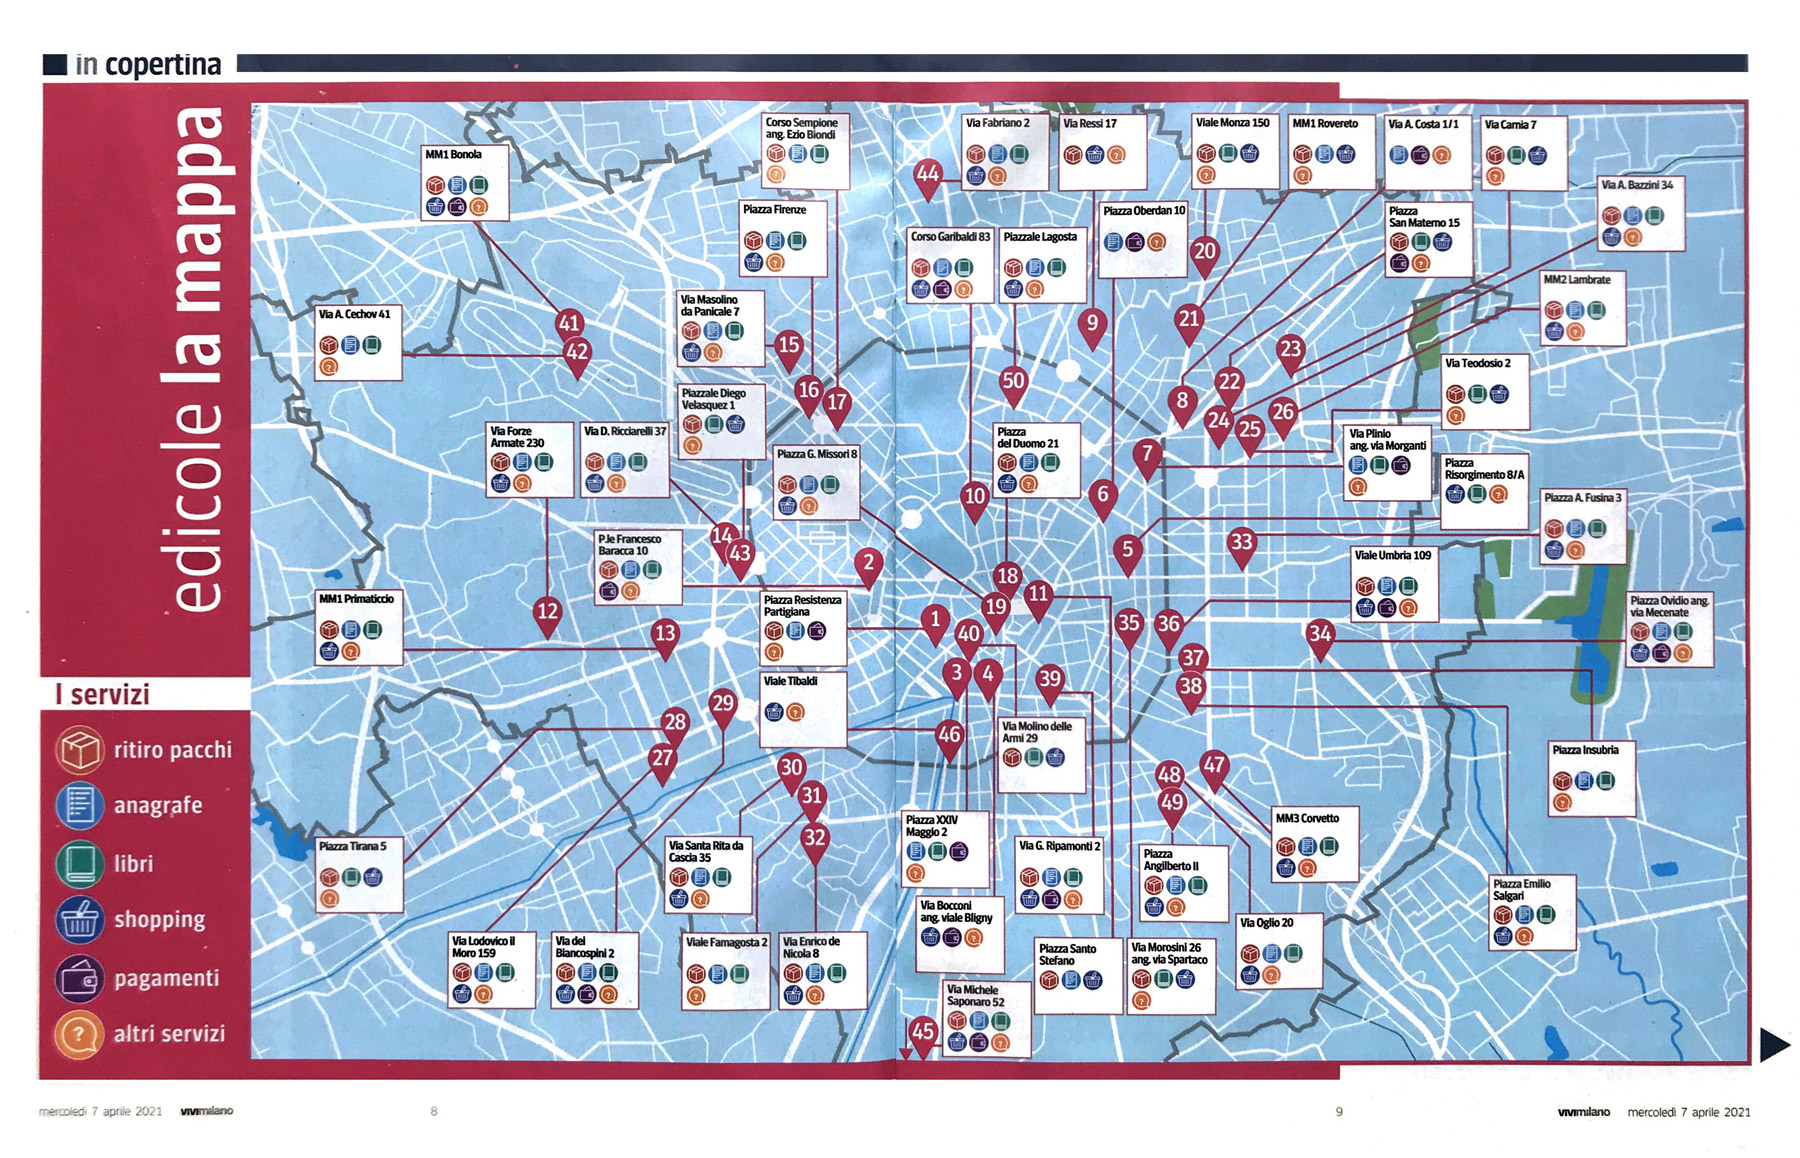 Edicole Smart Milano - Mappa